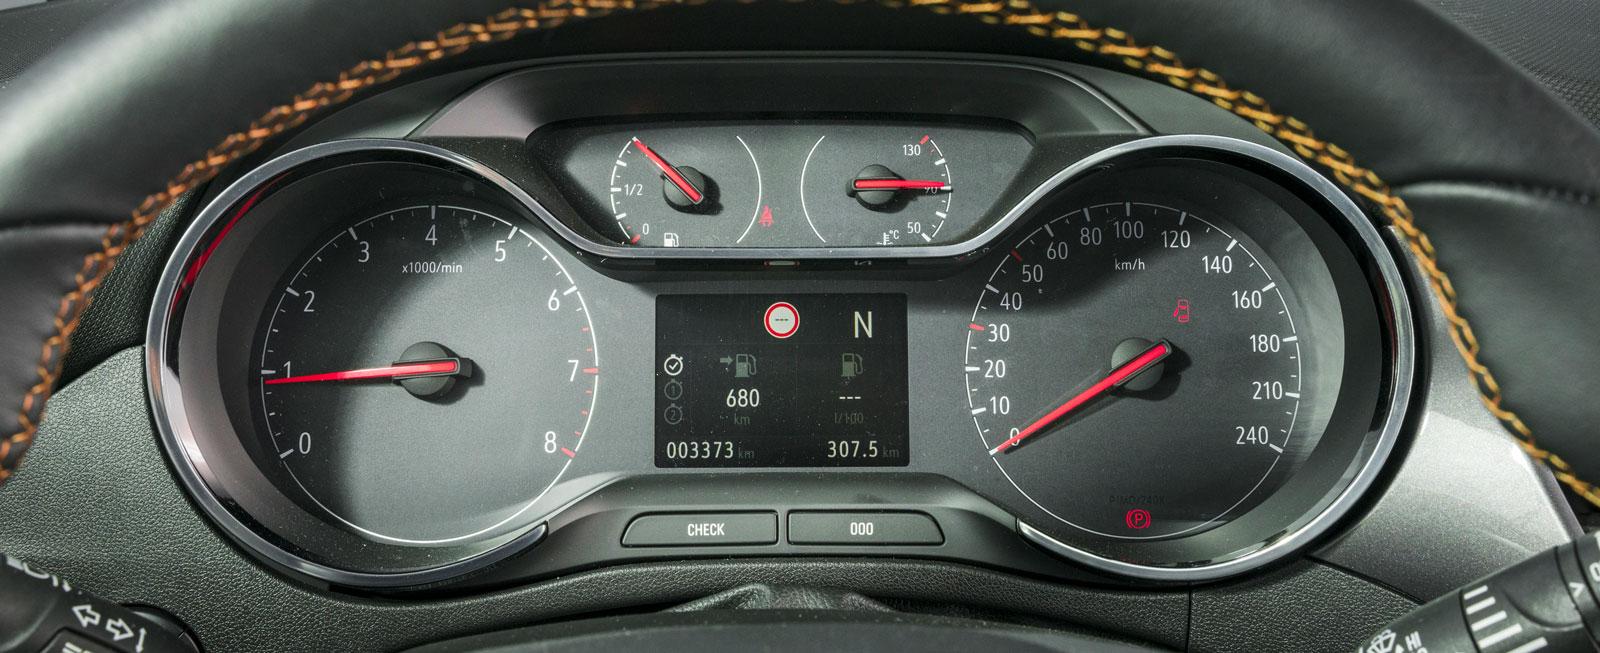 Opels instrumentkluster har fyra snygga mätare. Färddatorns fönster sitter mellan hastighetsoch varvräknartavlorna. Där visas även navigatorn om sådan finns.